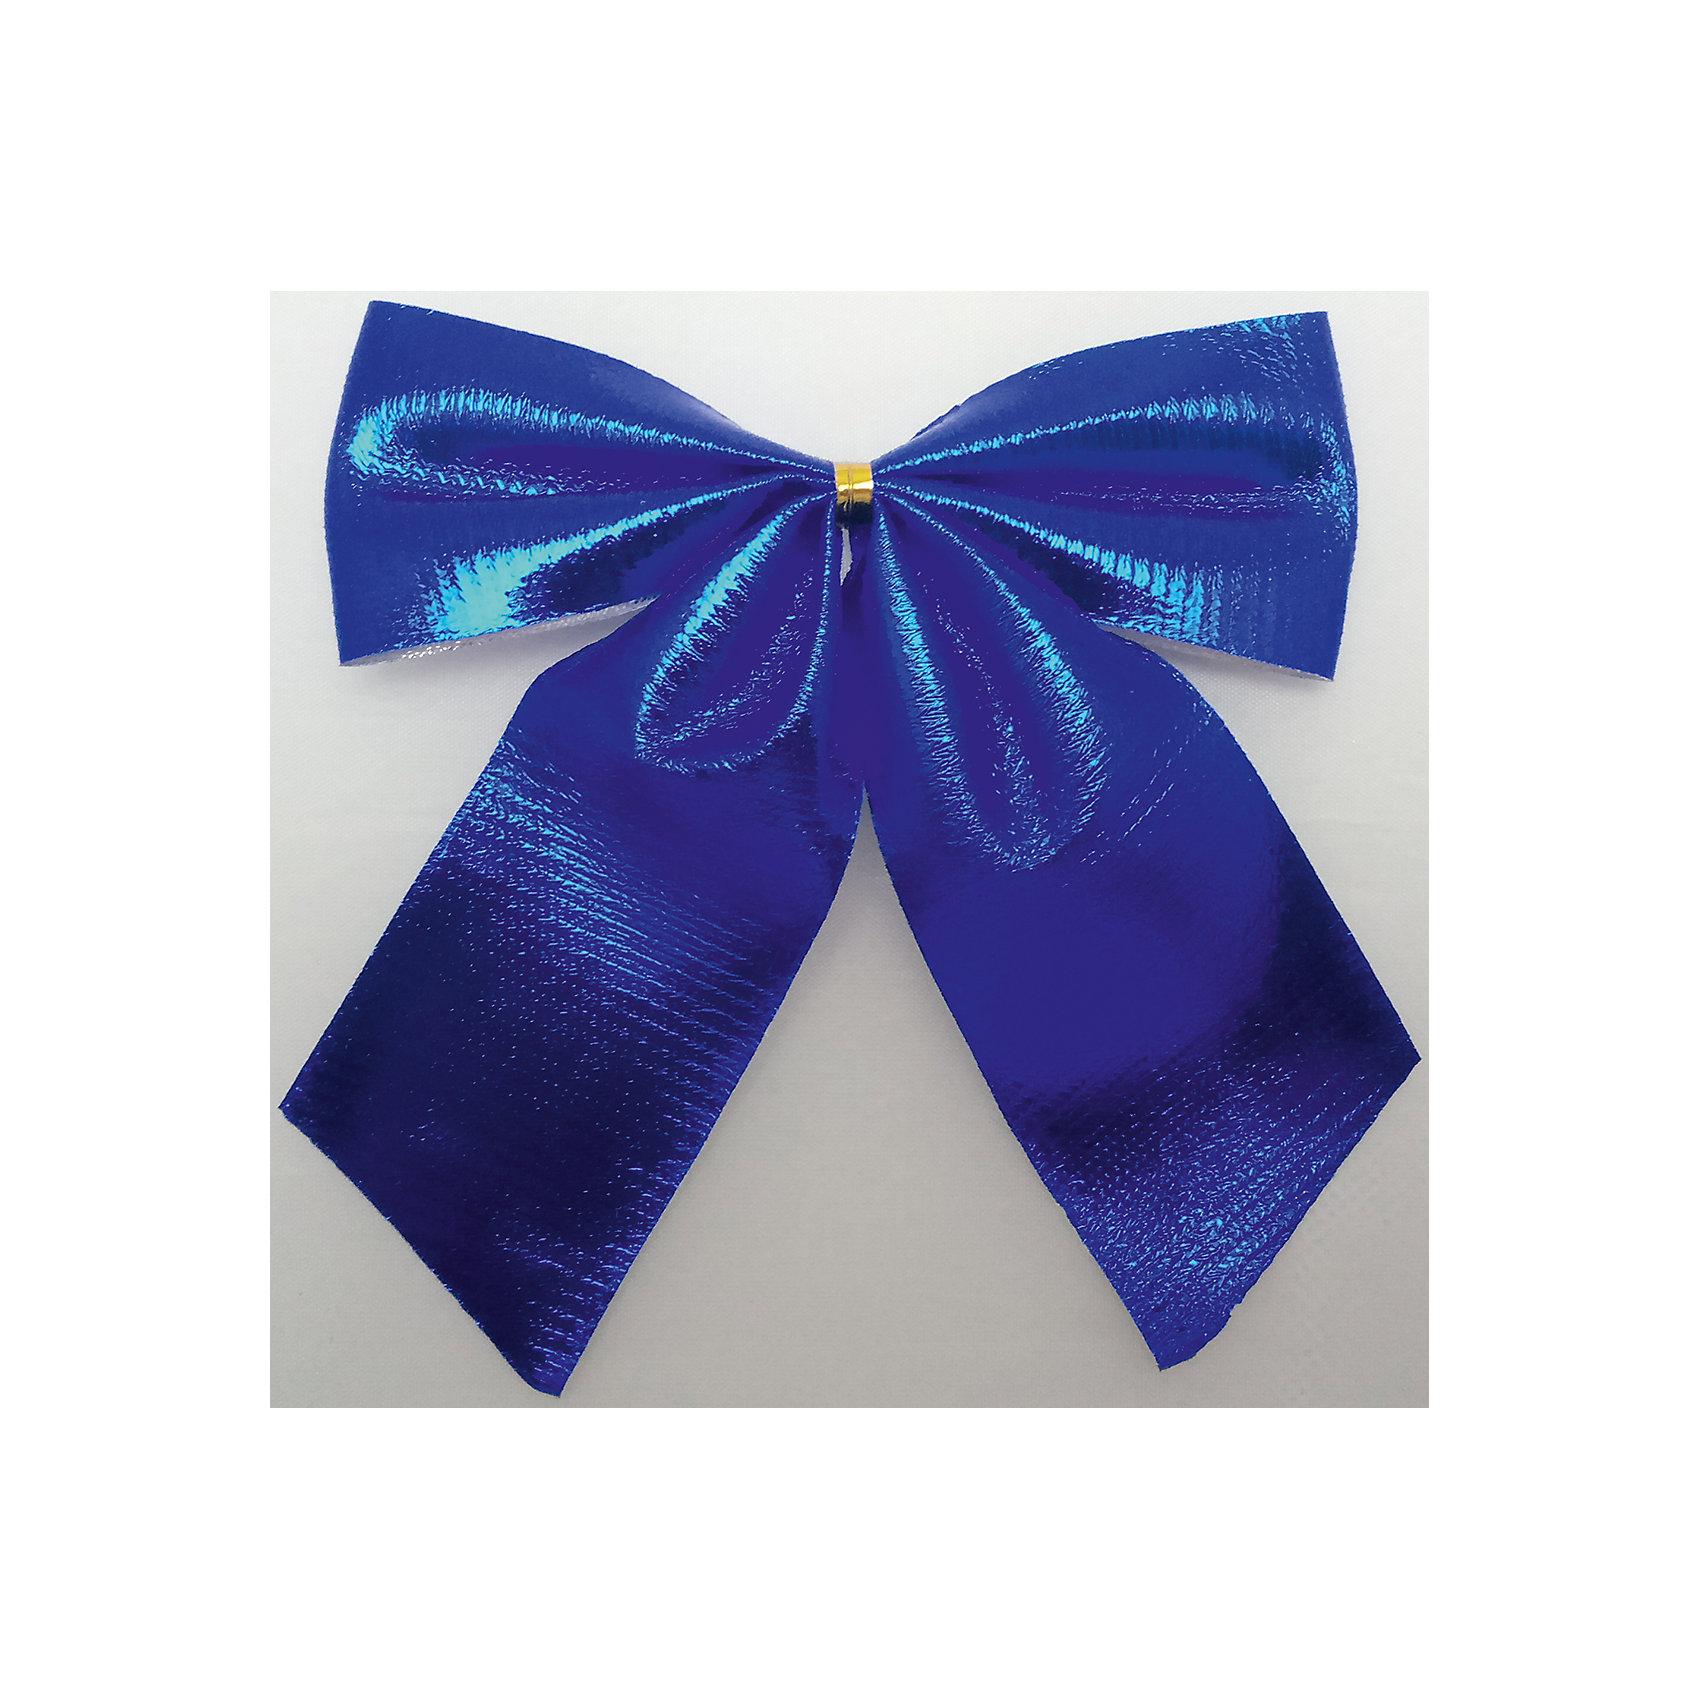 Набор синих метализированных бантов, 4 штВсё для праздника<br>Банты металлизированные синий 4 банта 10см арт.16046  Бант выполнен из нейлона и предназначен для оформления подарочных коробок, пакетов. Кроме того, декоративный бант прекрасно для оформления праздничной елки и интерьера.<br><br>Ширина мм: 290<br>Глубина мм: 160<br>Высота мм: 10<br>Вес г: 180<br>Возраст от месяцев: 72<br>Возраст до месяцев: 480<br>Пол: Унисекс<br>Возраст: Детский<br>SKU: 5051620